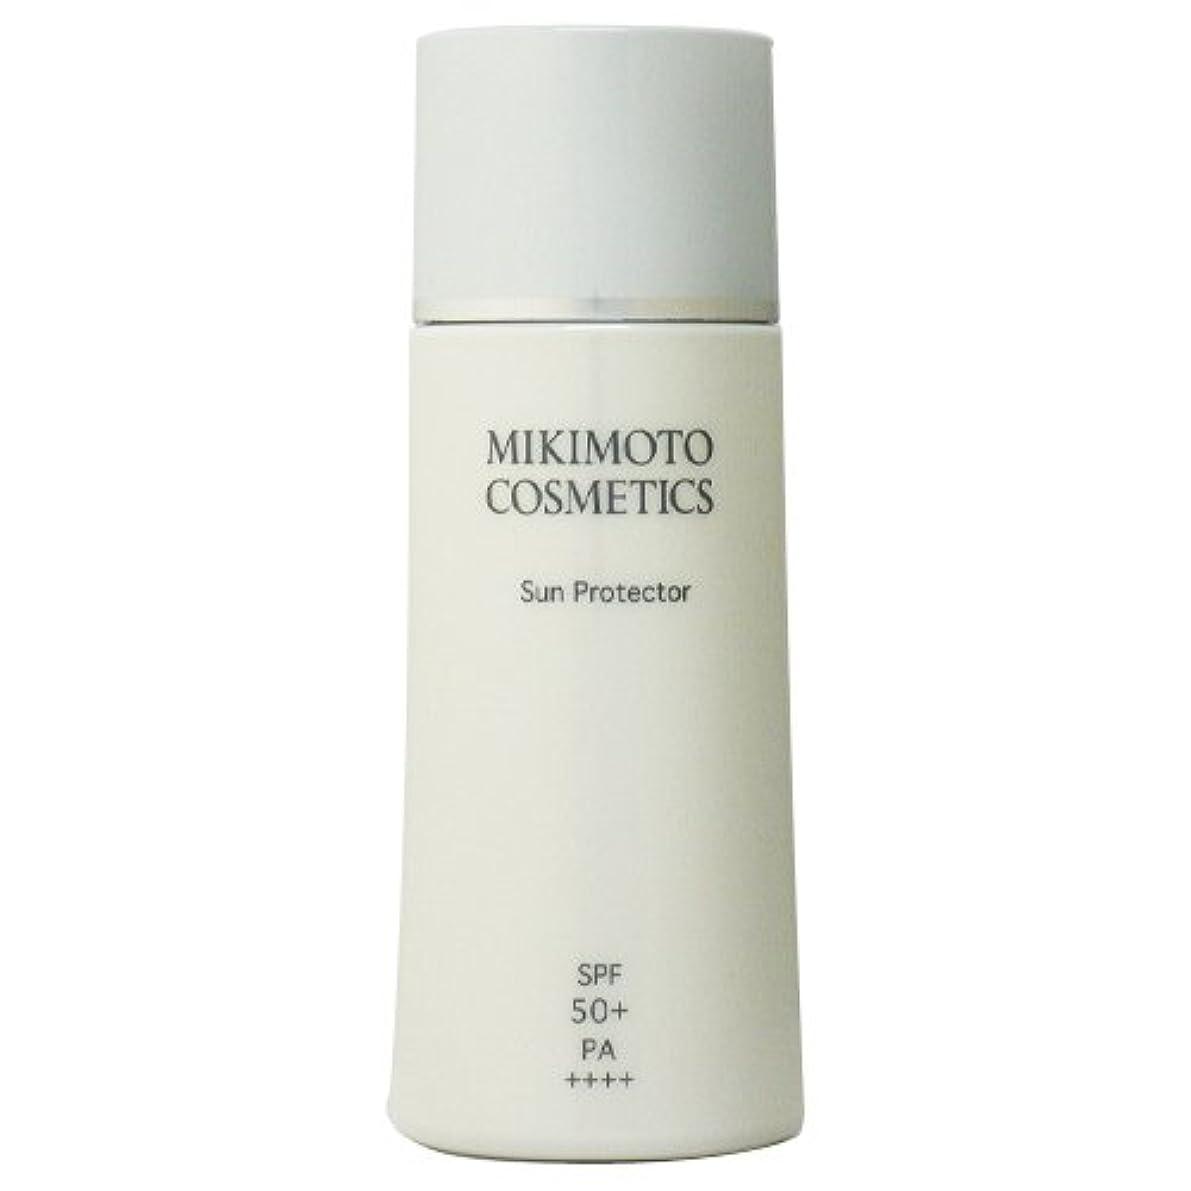 失望控えめな一ミキモト化粧品 MIKIMOTO コスメティックス サンプロテクター SPF50+ PA++++ 40mL [ヘルスケア&ケア用品]